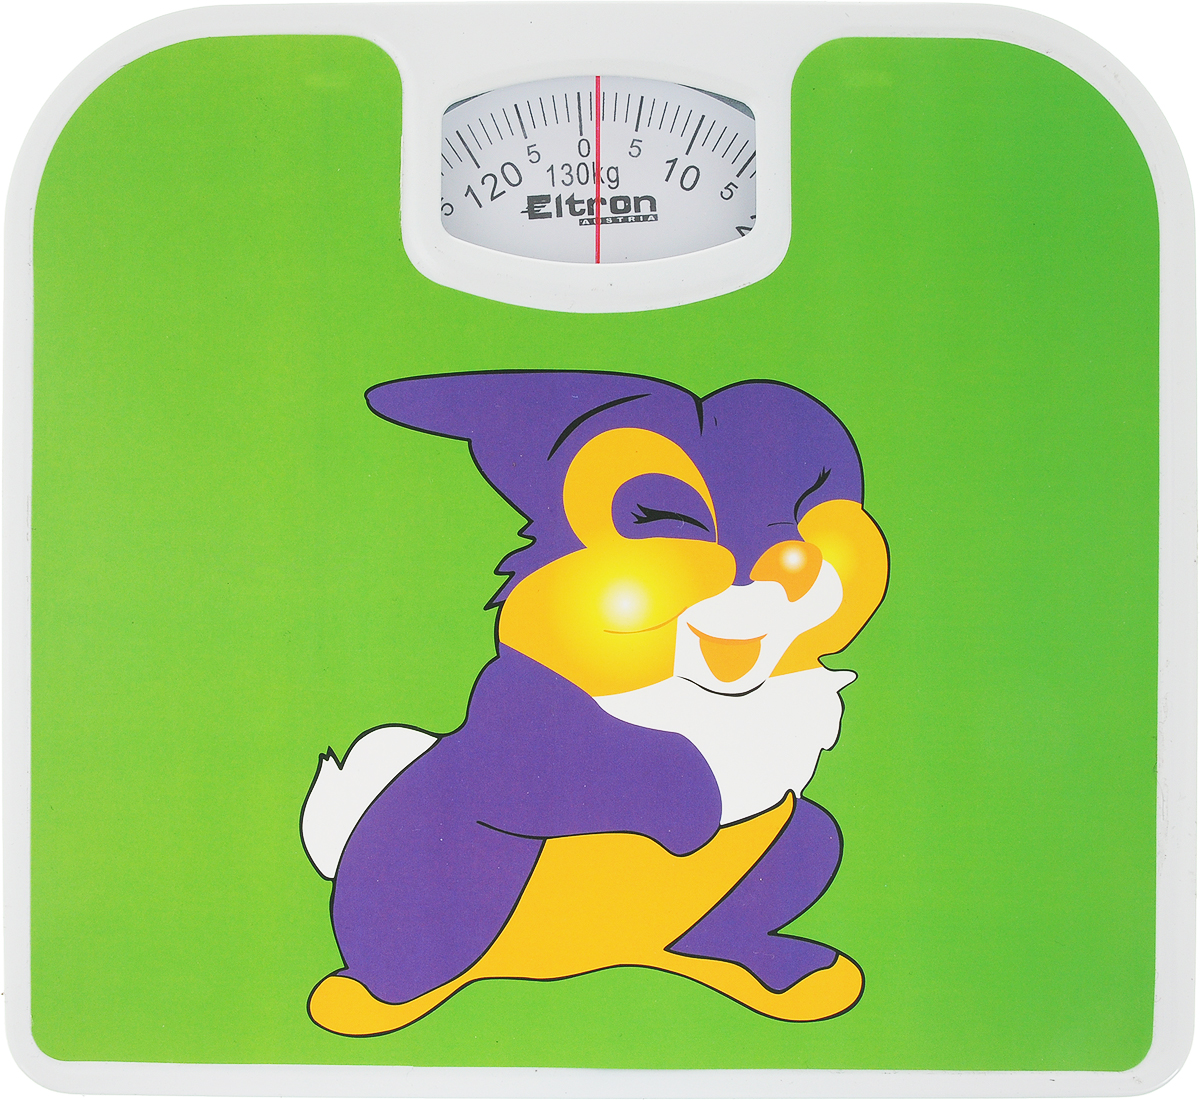 Весы напольные Eltron, механические, до 130 кг. 9217EL какой фирмы напольные весы лучше купить